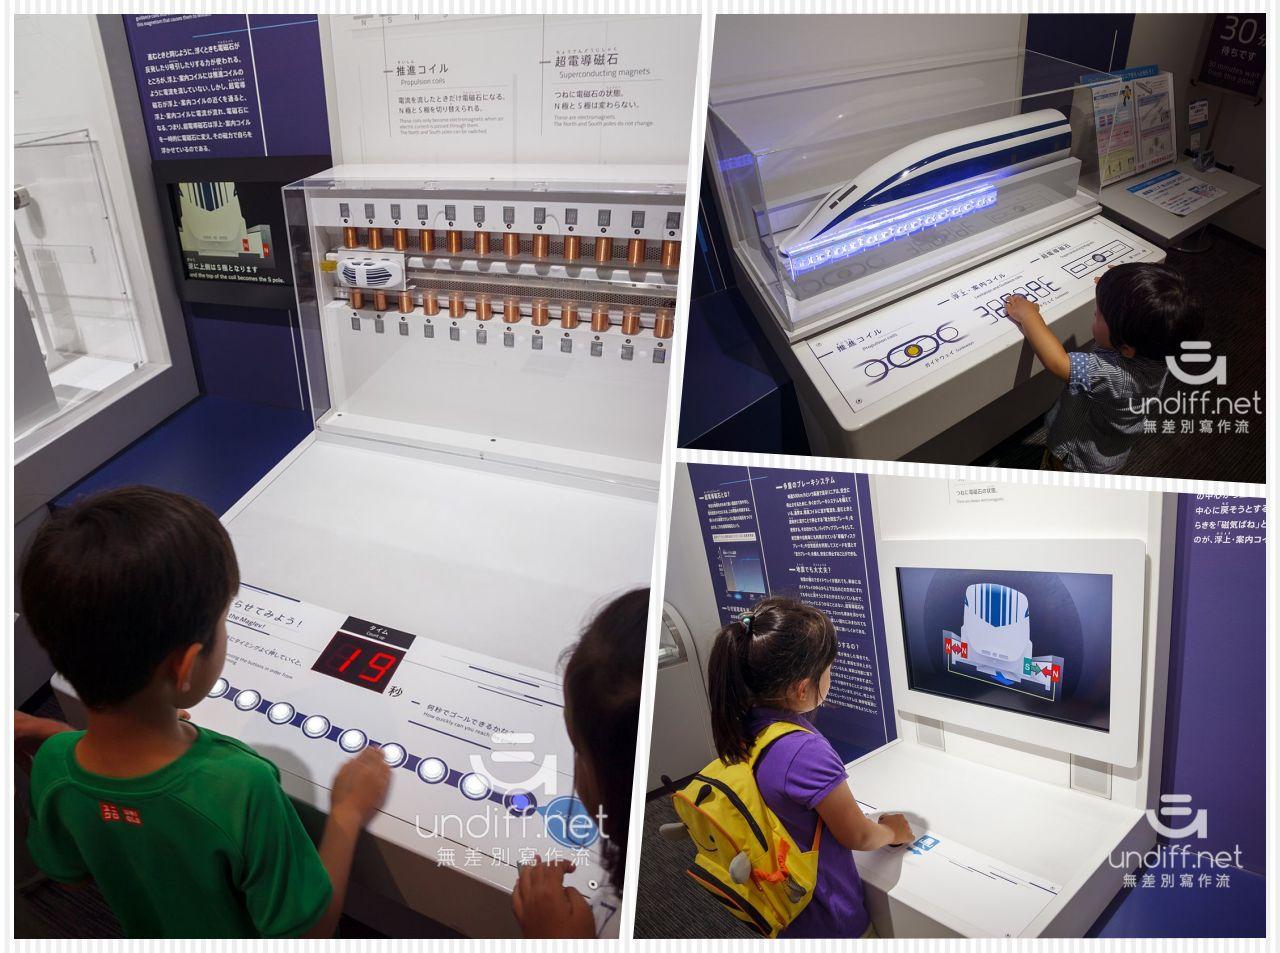 【名古屋景點】JR磁浮鐵道館 》體驗鐵道歷史與科技進步的軌跡 62